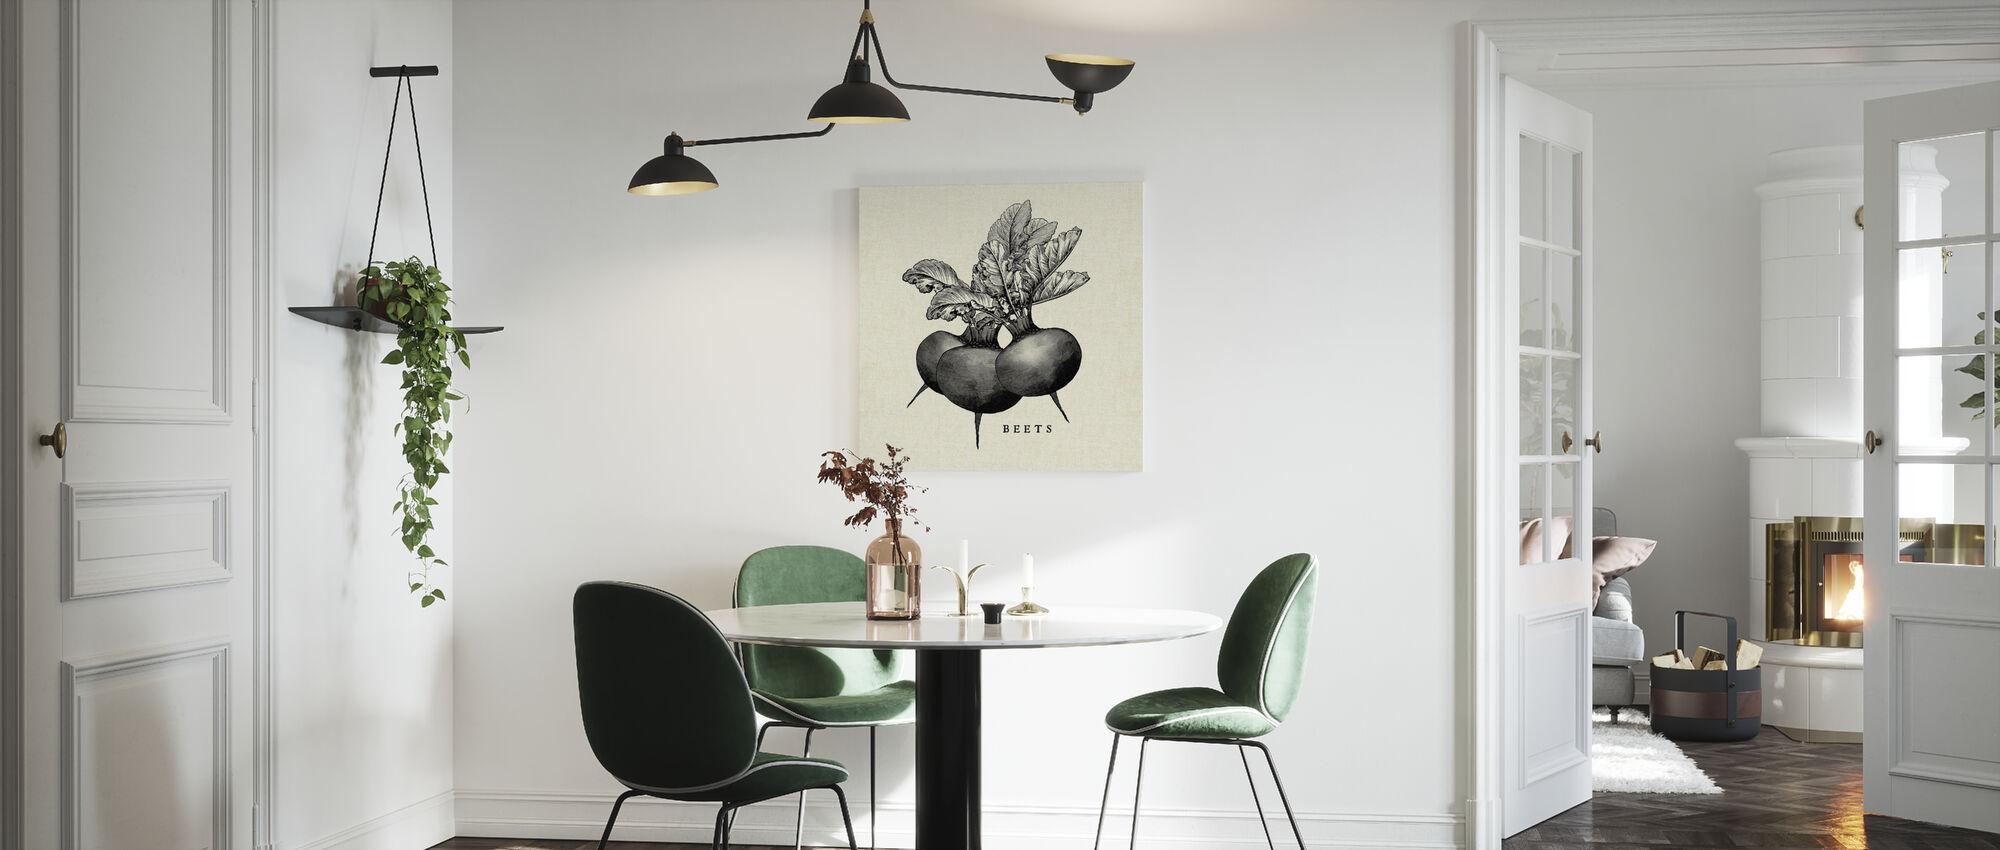 Kitchen Illustration - Beets - Canvas print - Kitchen